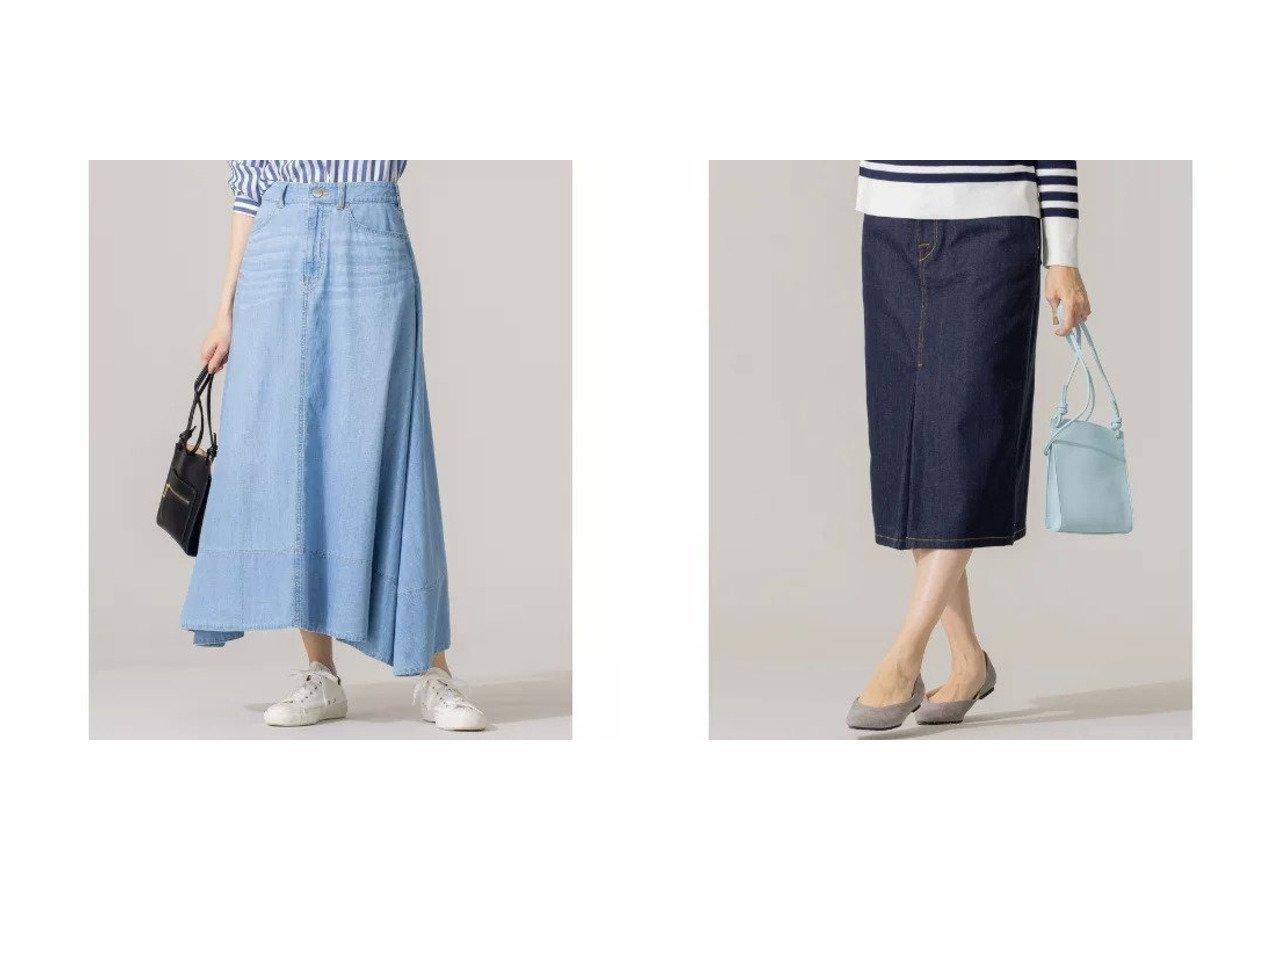 【KUMIKYOKU/組曲】の【洗える】ライトオンス デニム マキシ デニムスカート&【洗える】AQUATIC DENIM デニムスカート 組曲のおすすめ!人気、トレンド・レディースファッションの通販 おすすめで人気の流行・トレンド、ファッションの通販商品 メンズファッション・キッズファッション・インテリア・家具・レディースファッション・服の通販 founy(ファニー) https://founy.com/ ファッション Fashion レディースファッション WOMEN スカート Skirt デニムスカート Denim Skirts 春 Spring 洗える コンパクト タイツ デニム ドレープ フレア マキシ ロング 2021年 2021 S/S 春夏 SS Spring/Summer 2021 春夏 S/S SS Spring/Summer 2021 おすすめ Recommend スニーカー フロント ボーダー |ID:crp329100000022351